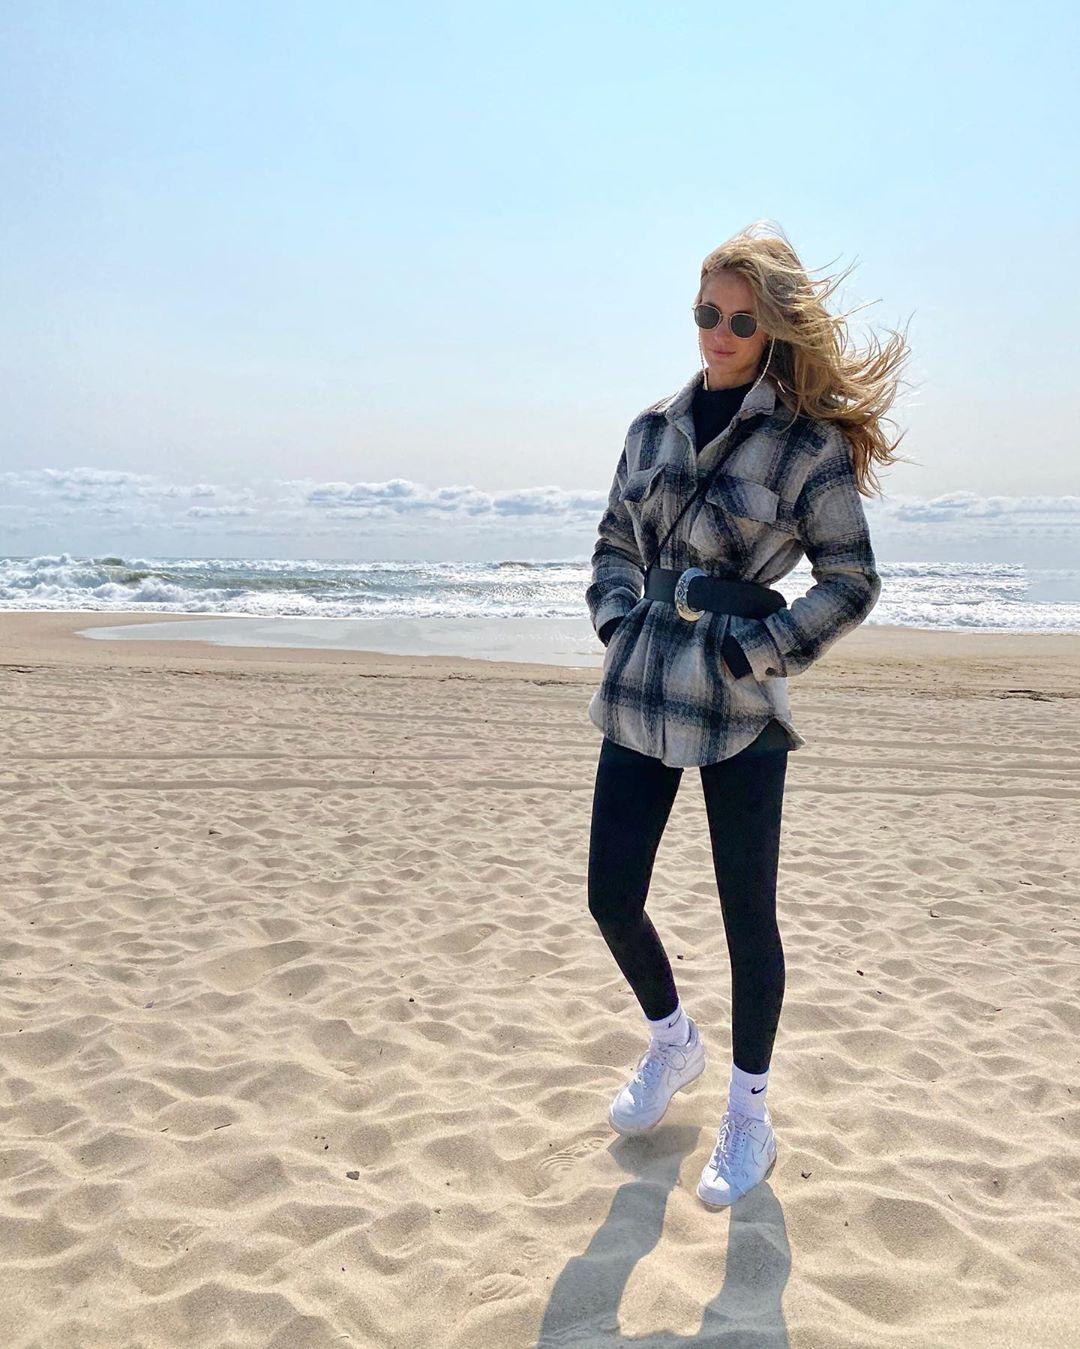 海风清凉!乐福女友晒自己与爱犬在沙滩边游玩的照片